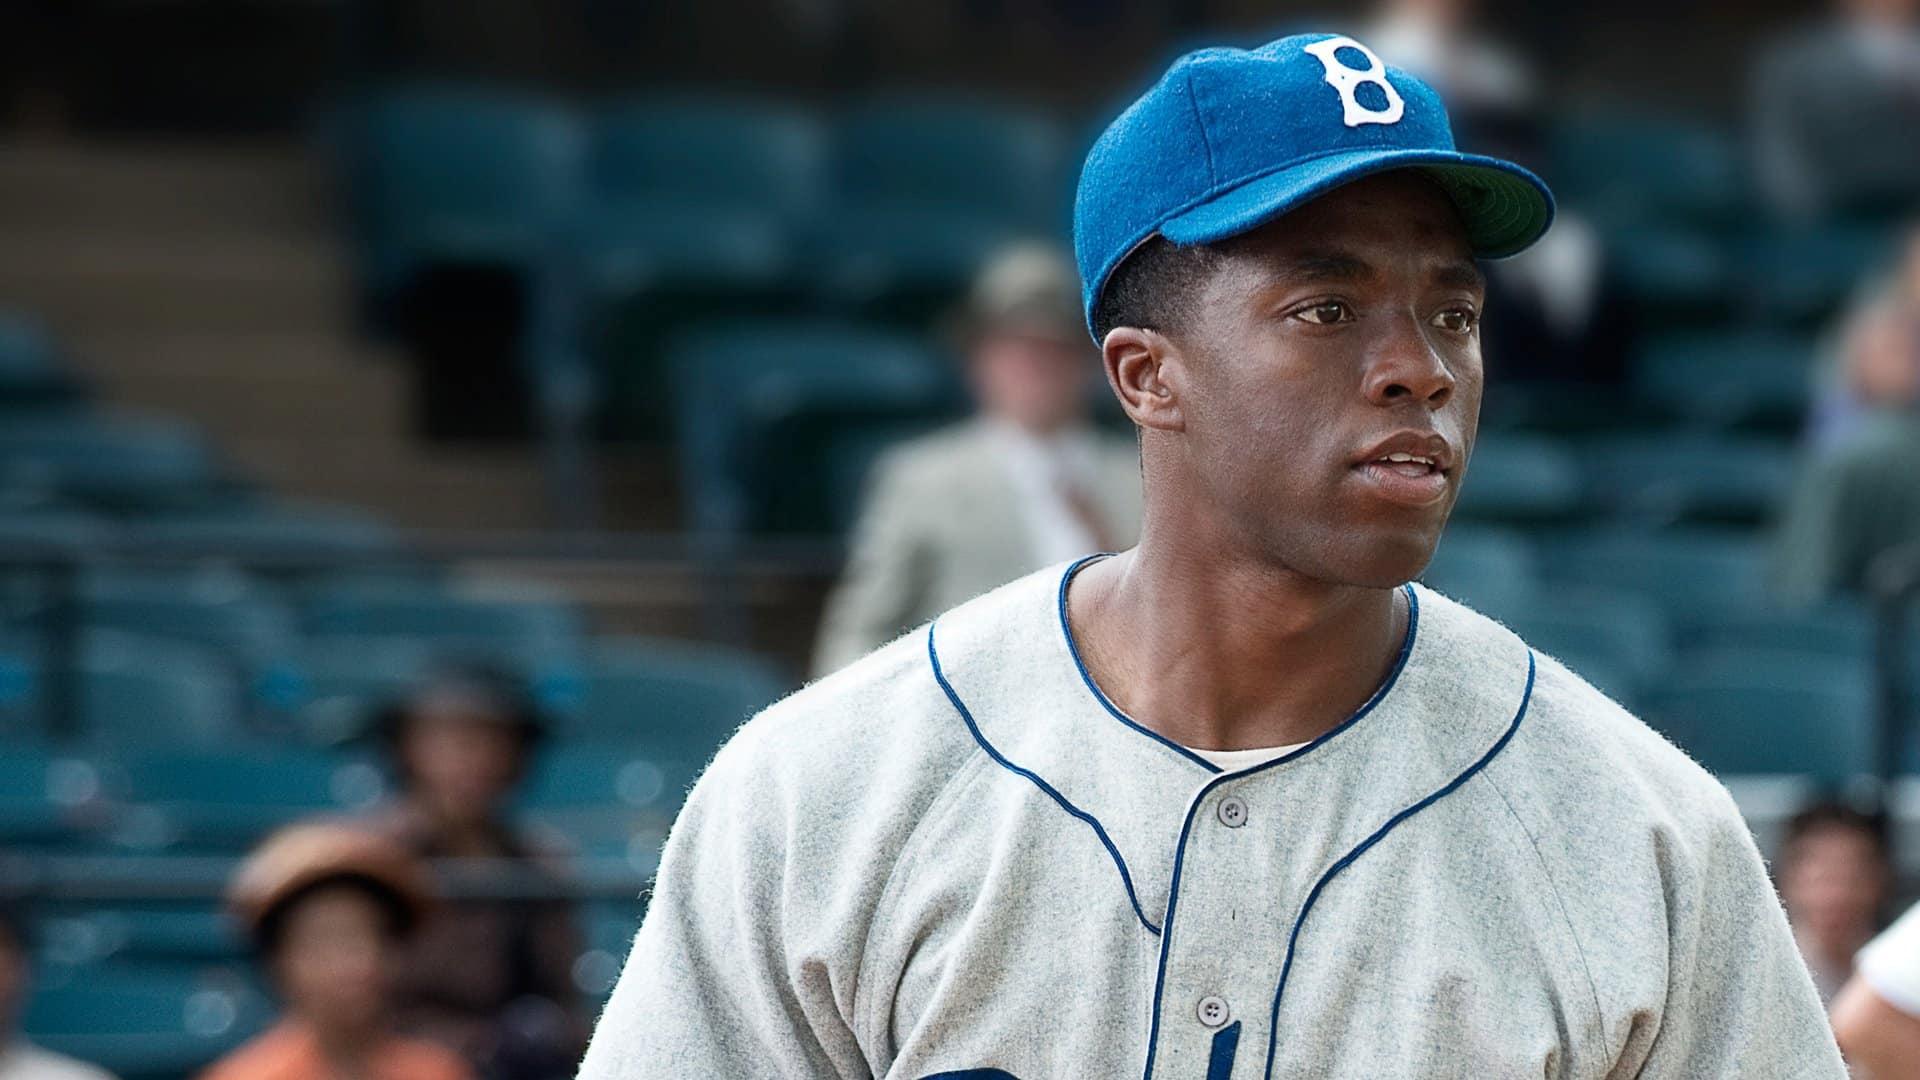 42 - filmy Chadwick Boseman